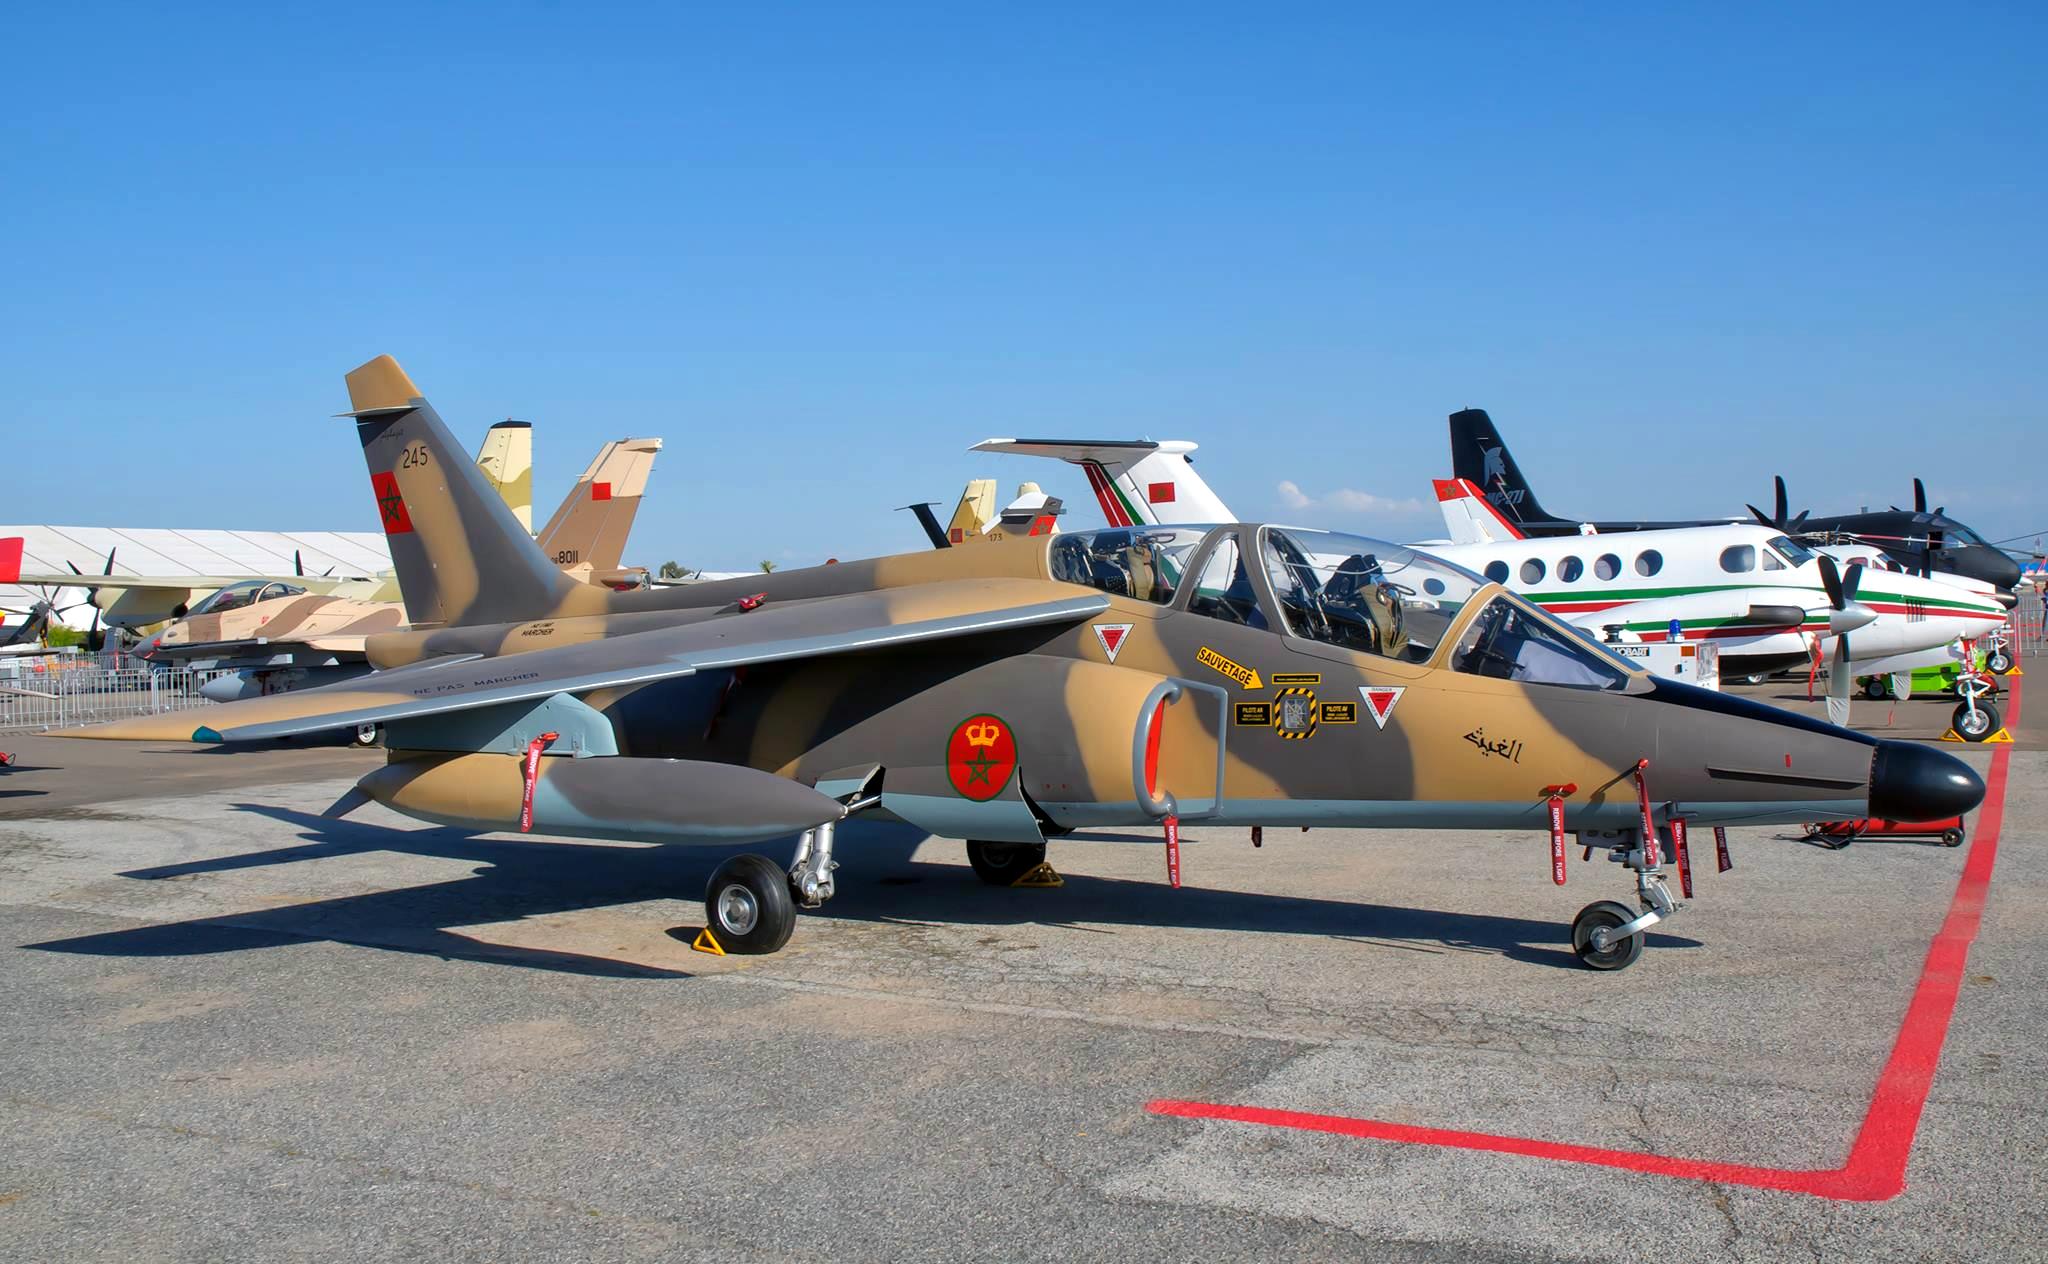 القوات الجوية الملكية المغربية - متجدد - - صفحة 2 160201063207437959